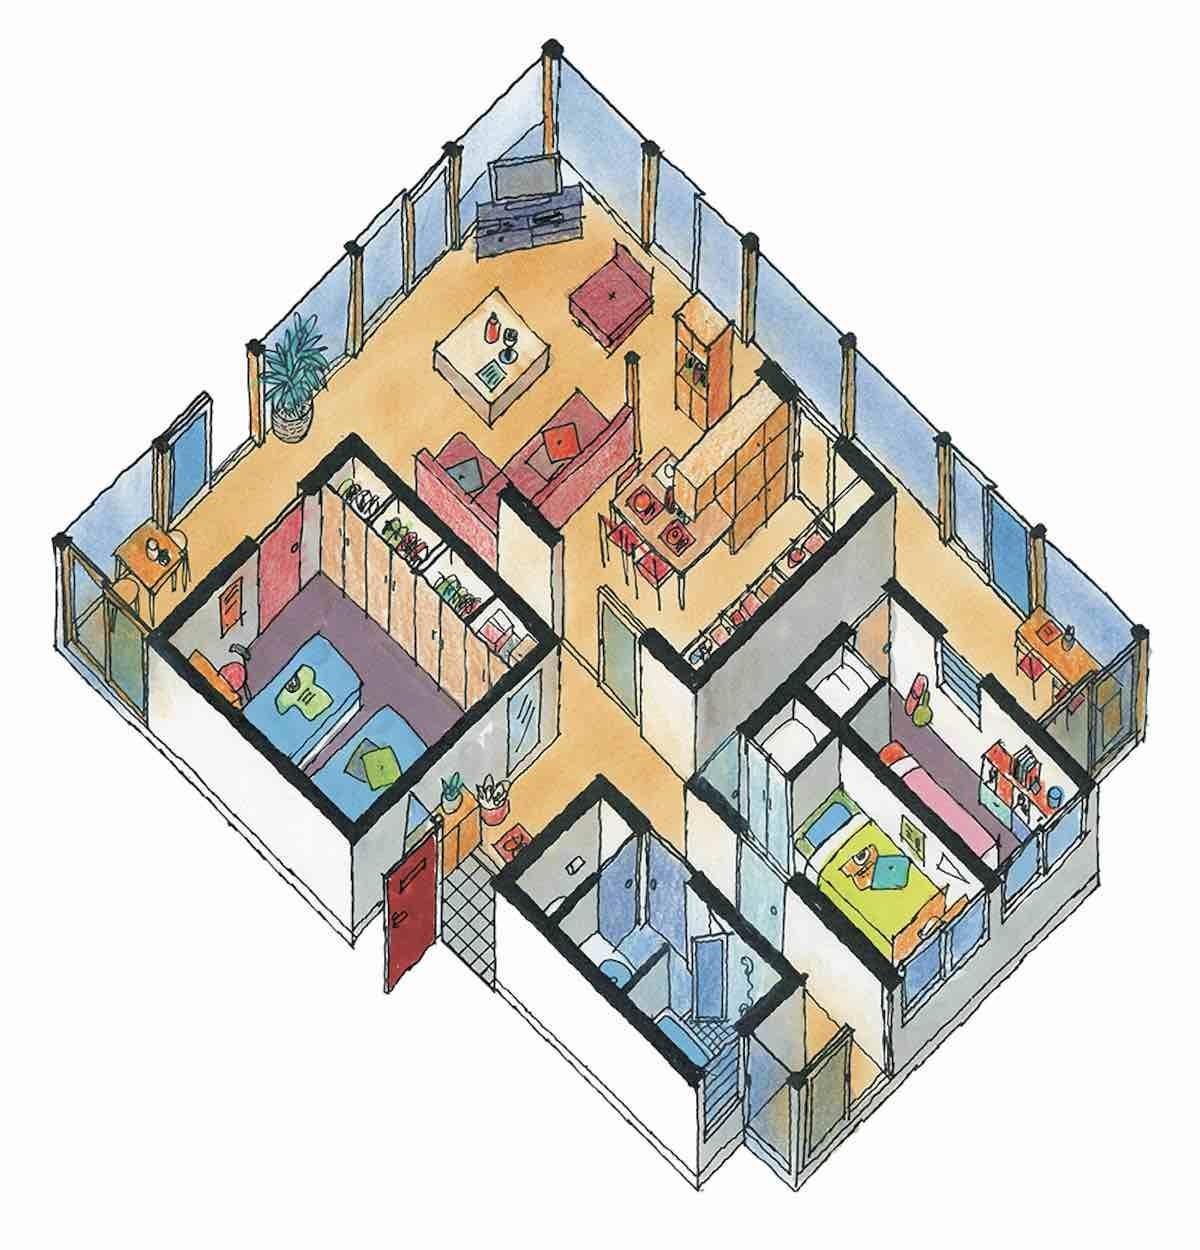 分散型方案-平面等角透視圖  圖片提供_漂亮家居麥浩斯